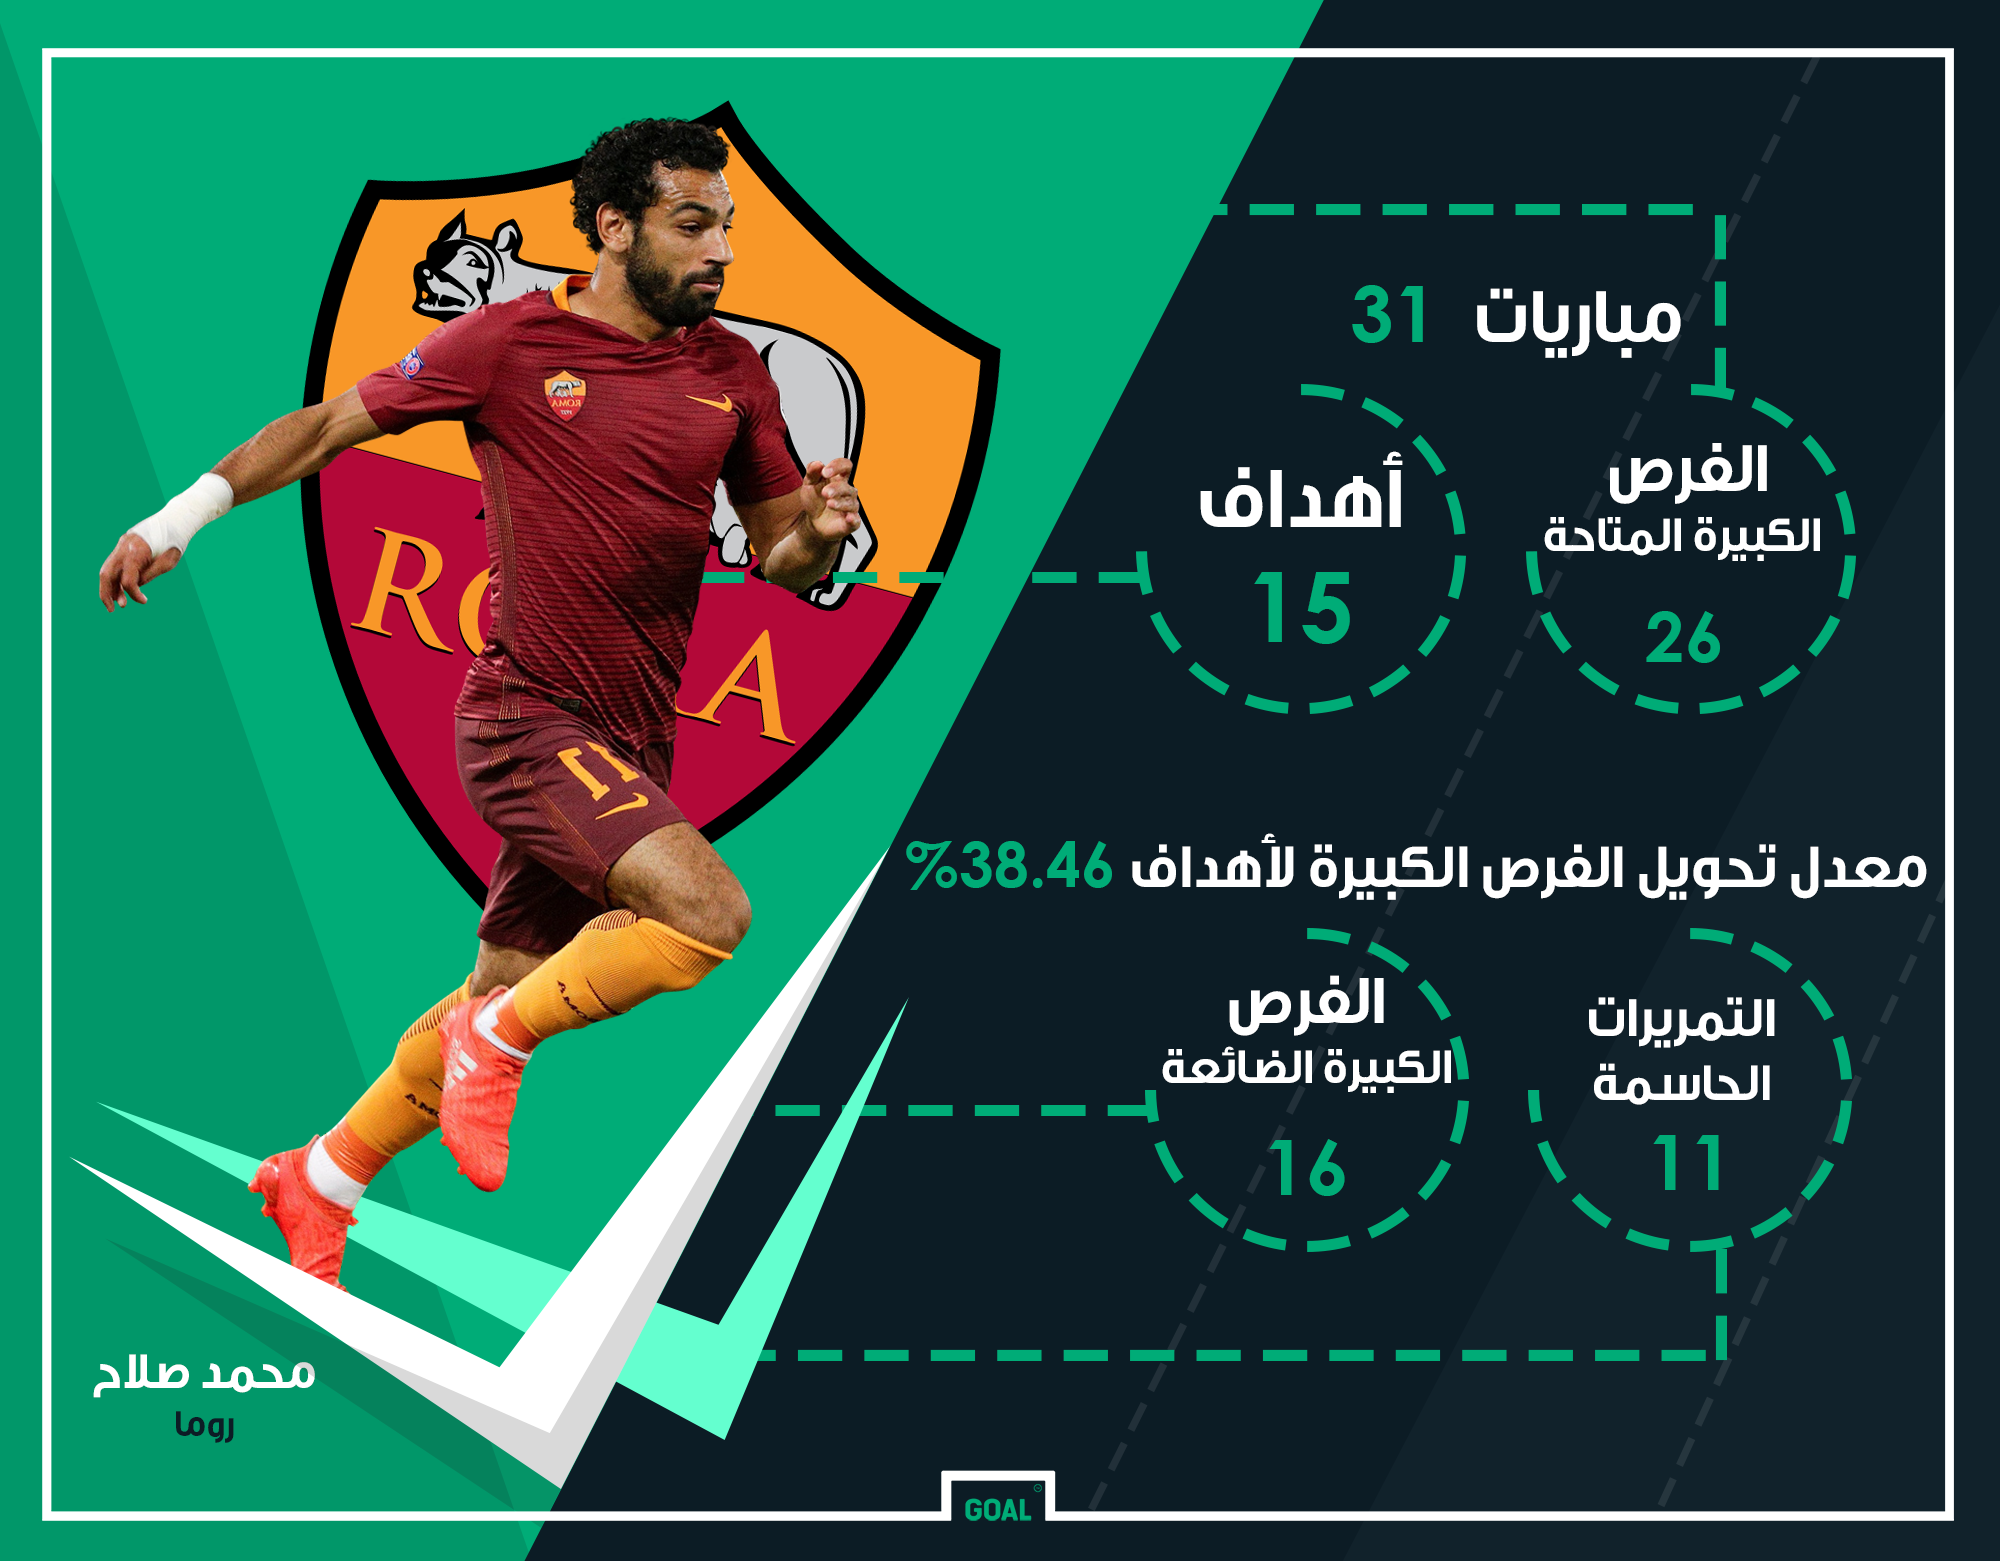 GFX AR Mohamed Salah Roma 2016-17 Stats